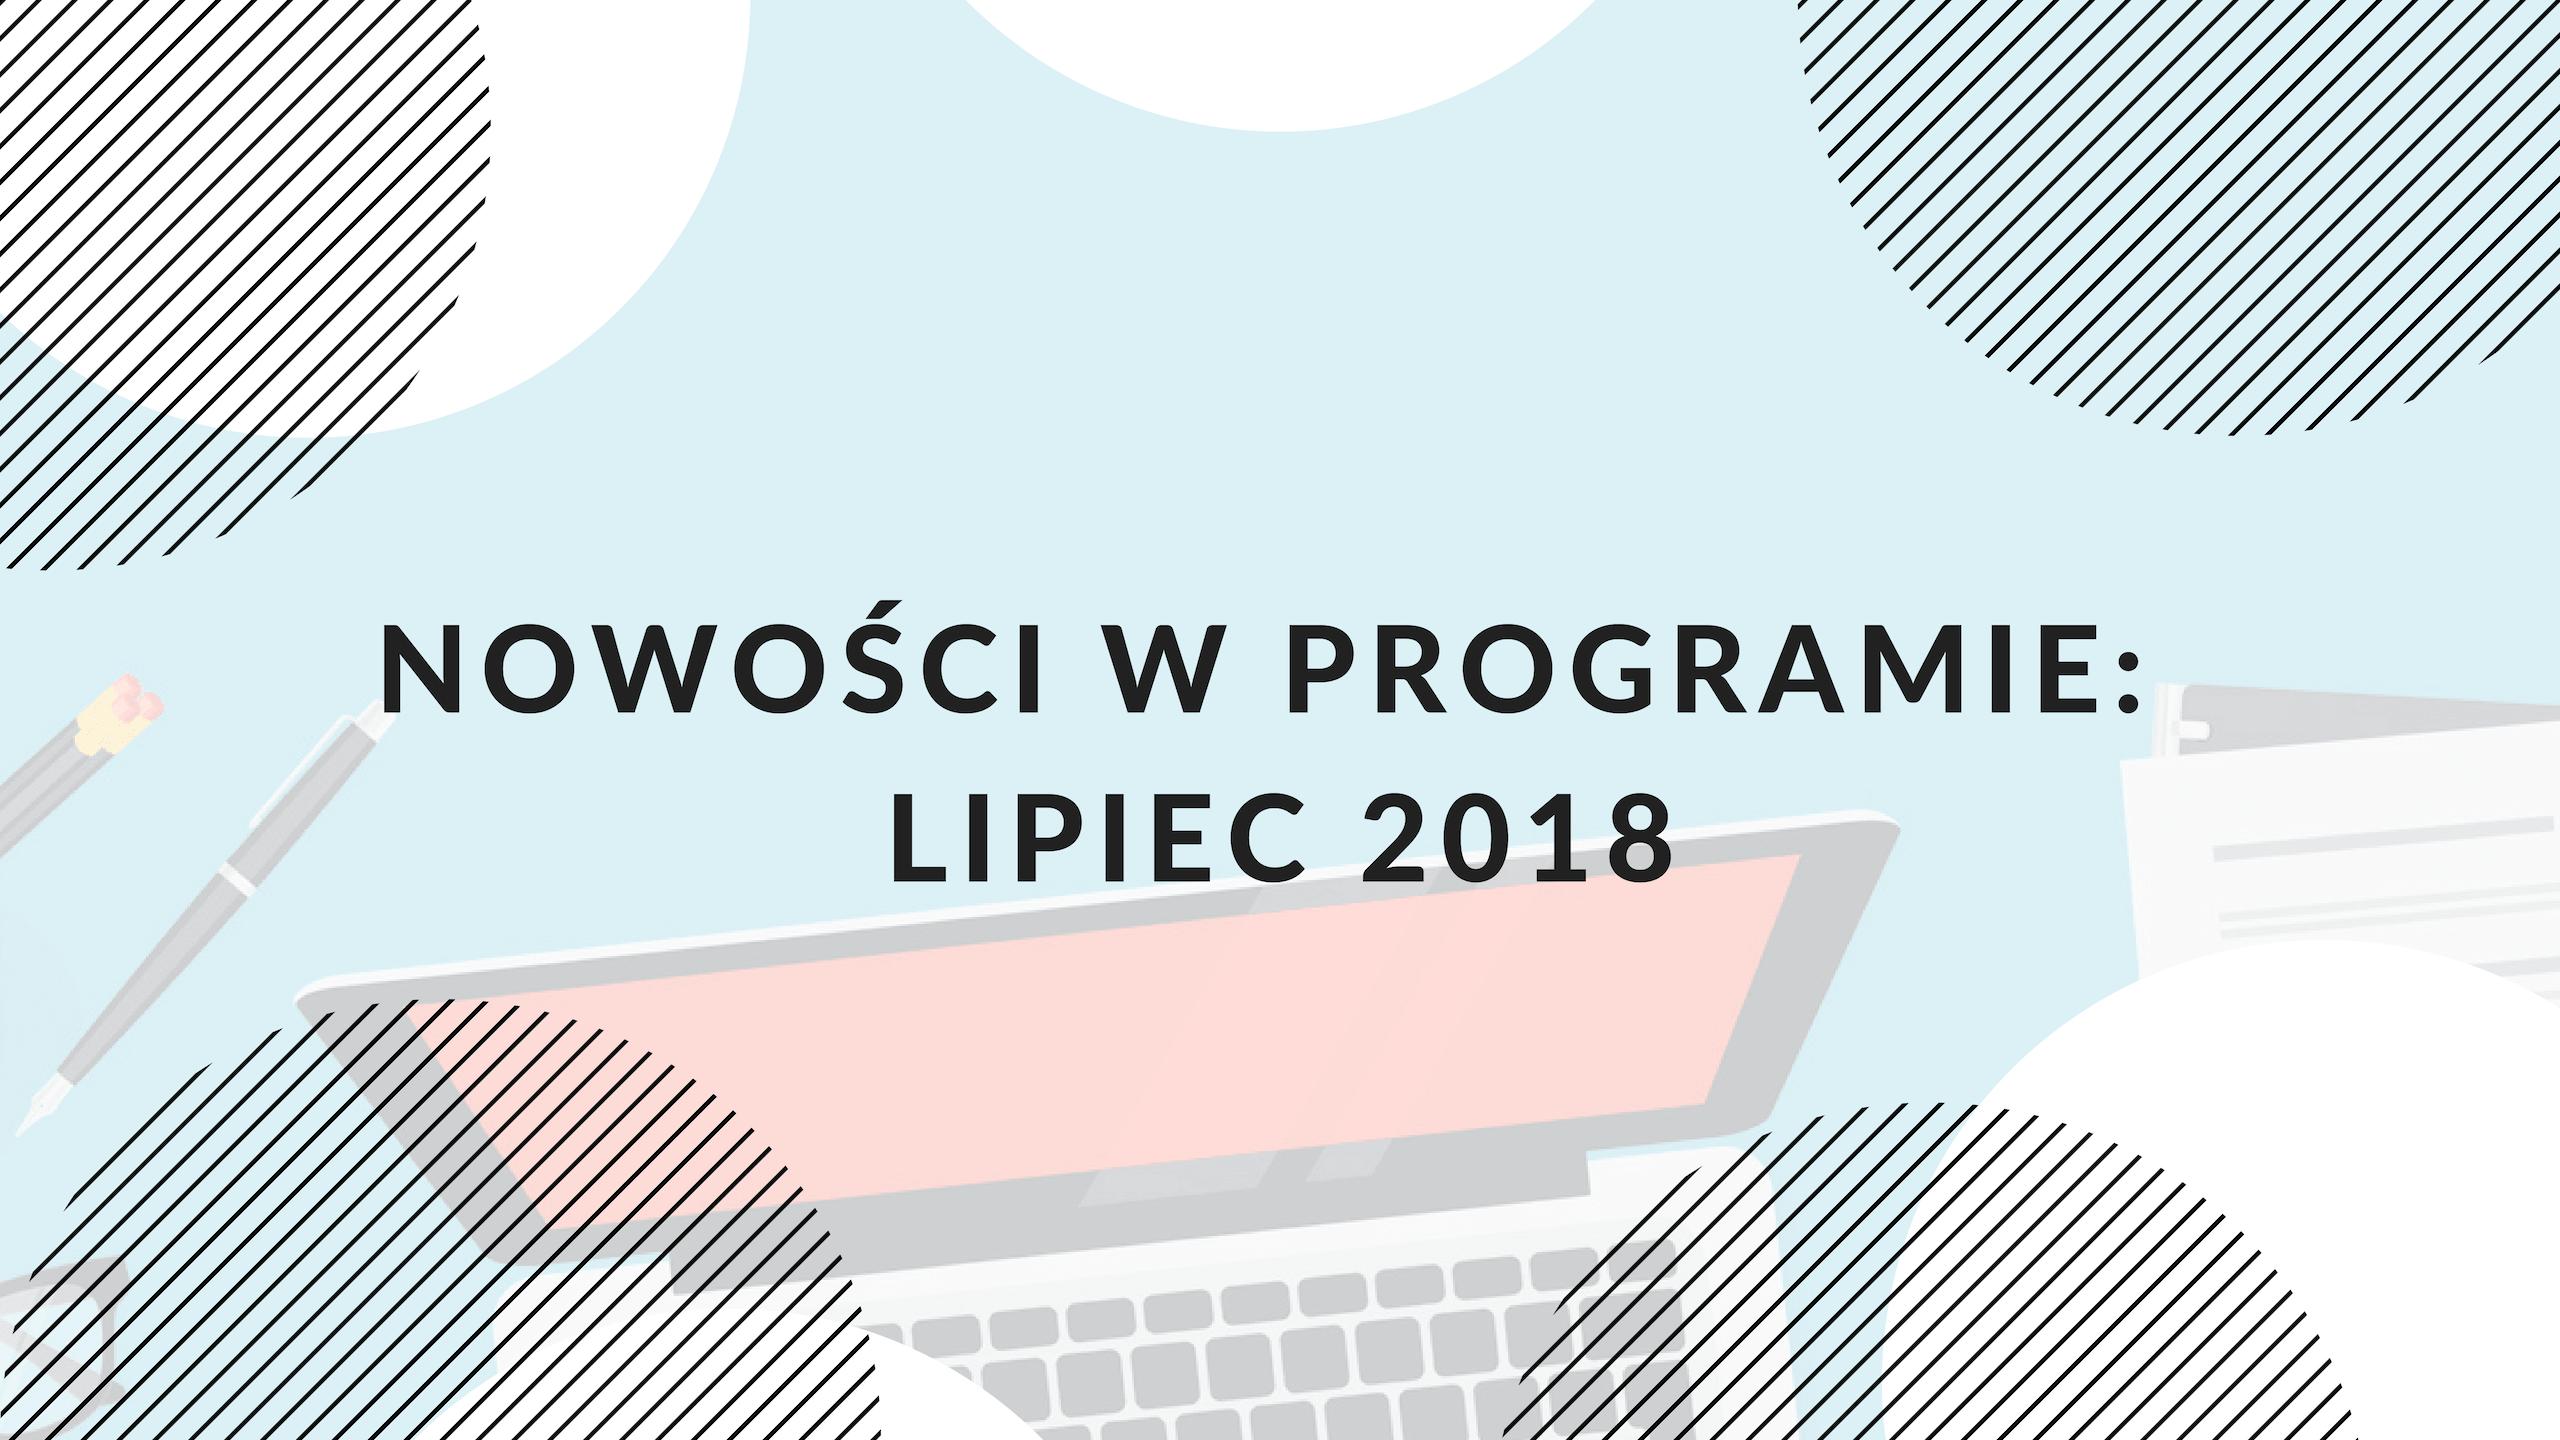 Nowe funkcjonalności w programie: lipiec 2018